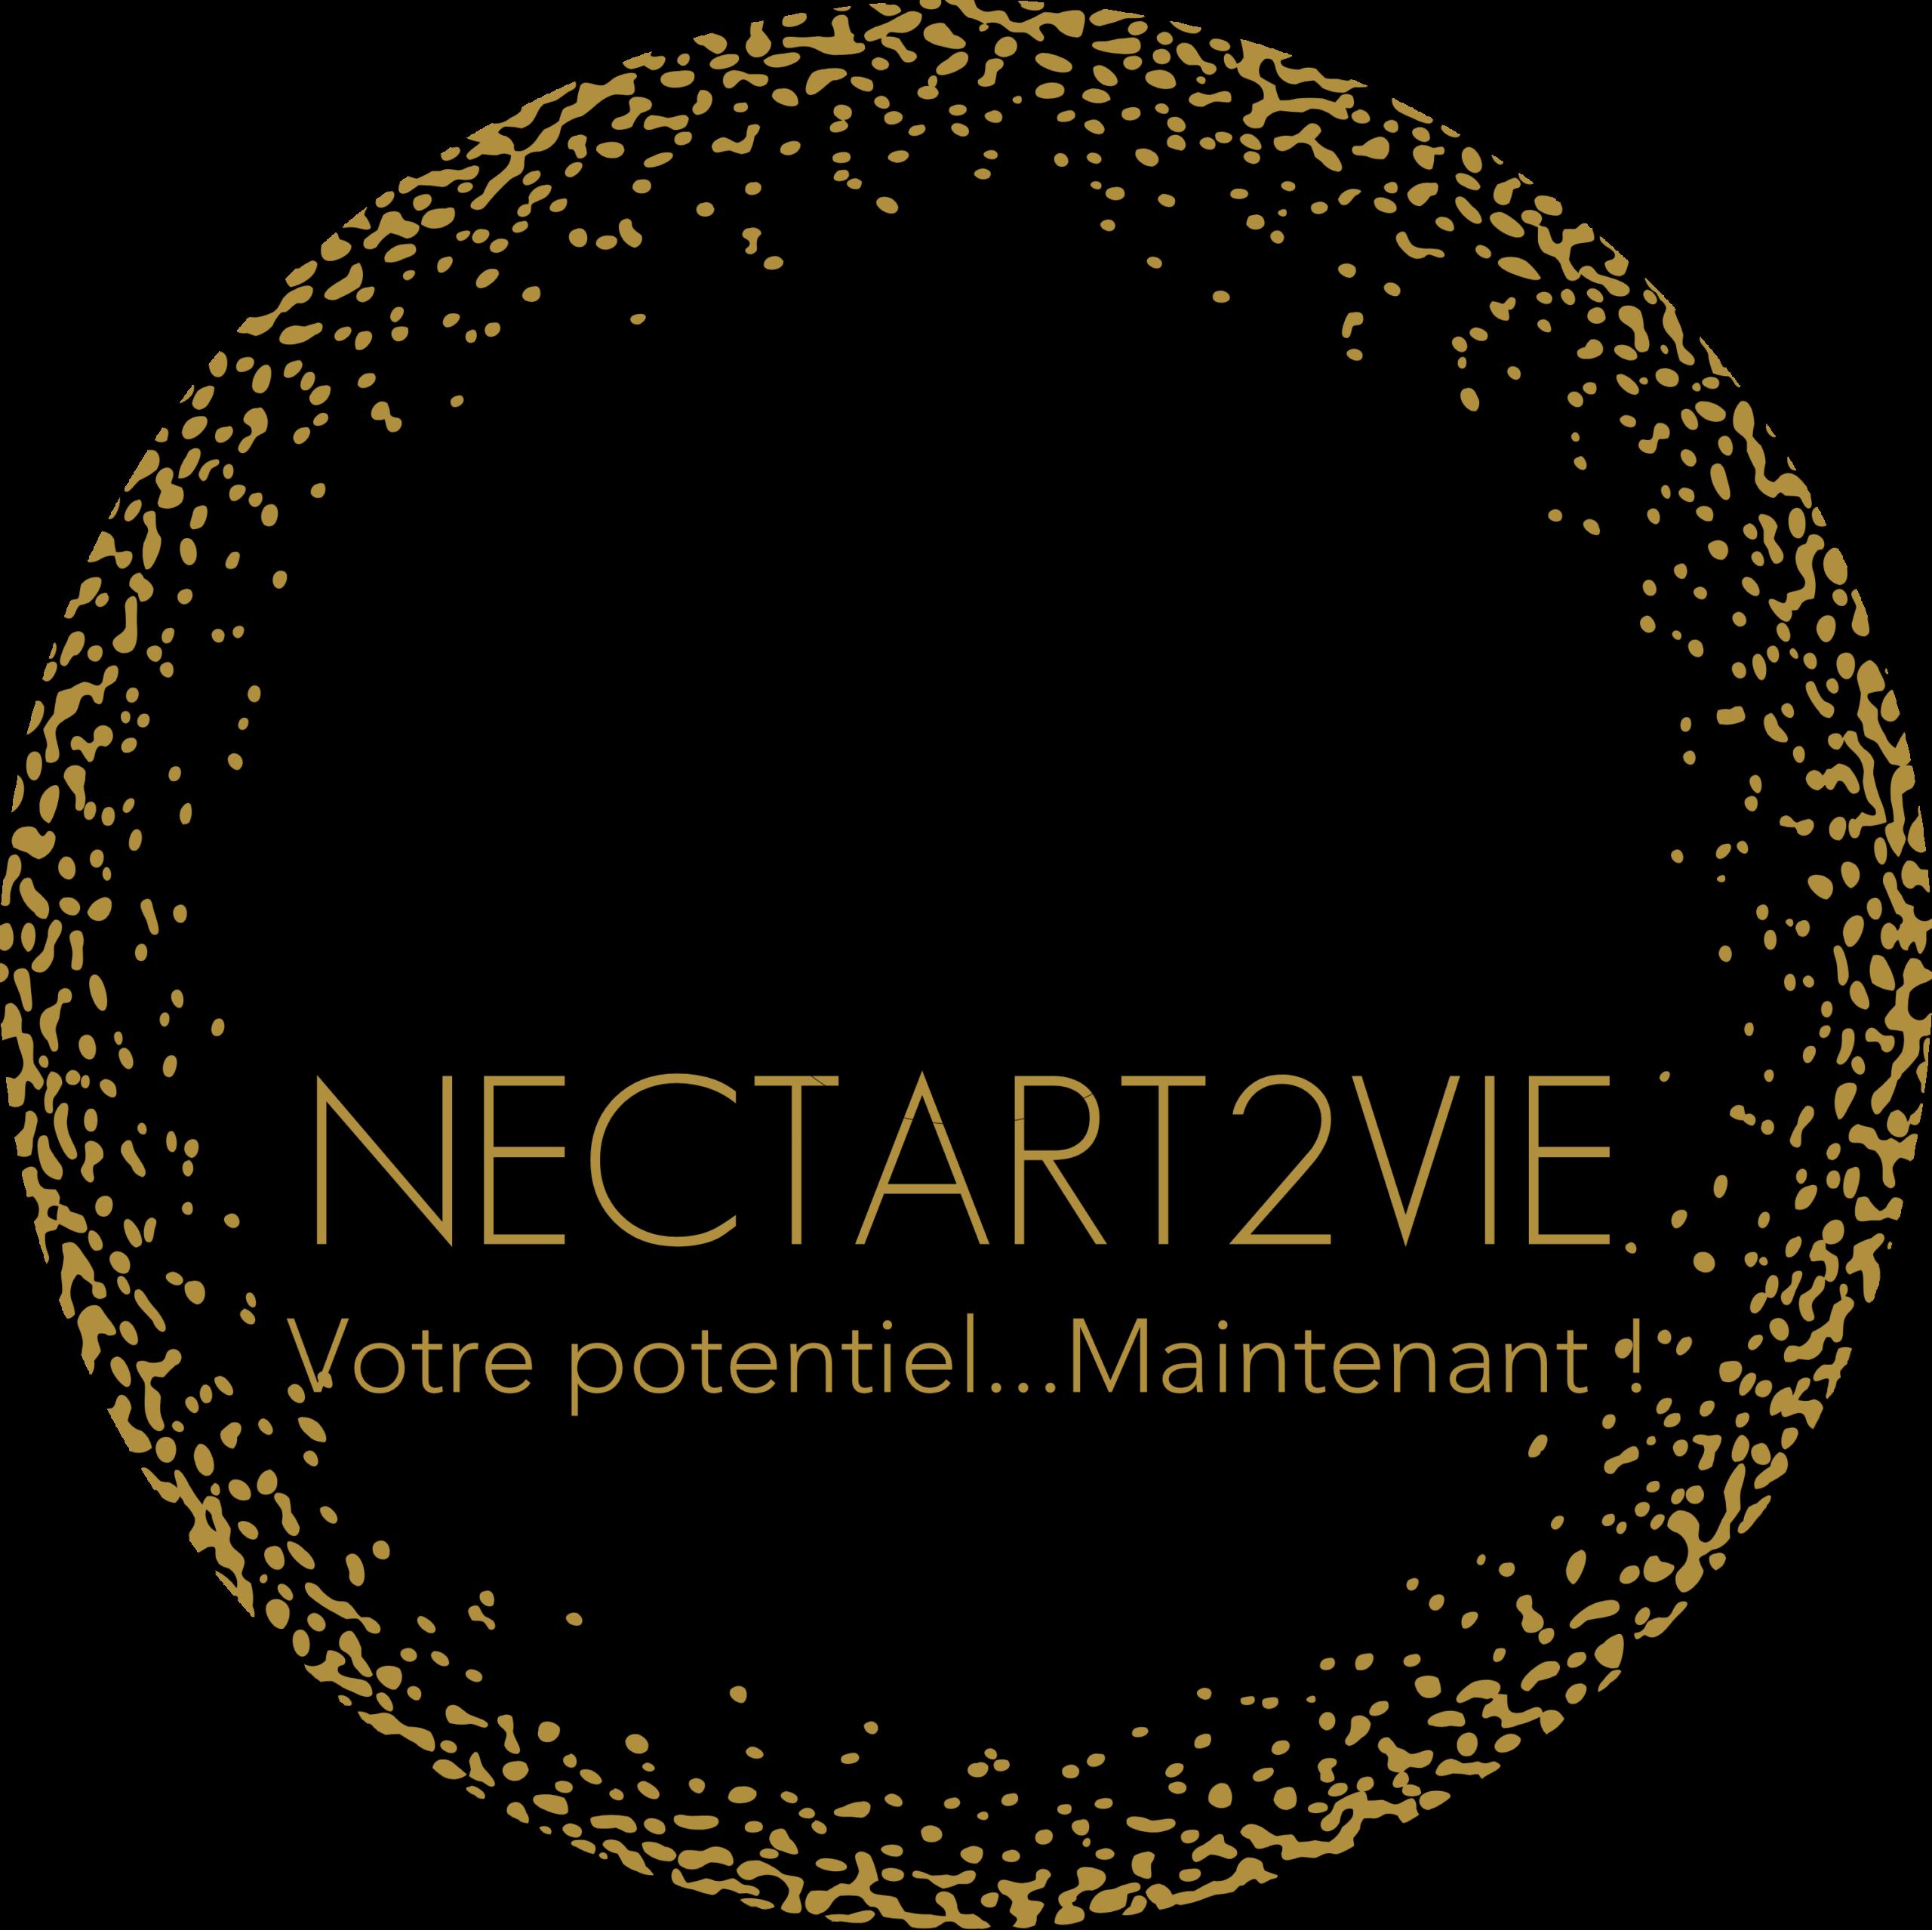 NECTART2VIE